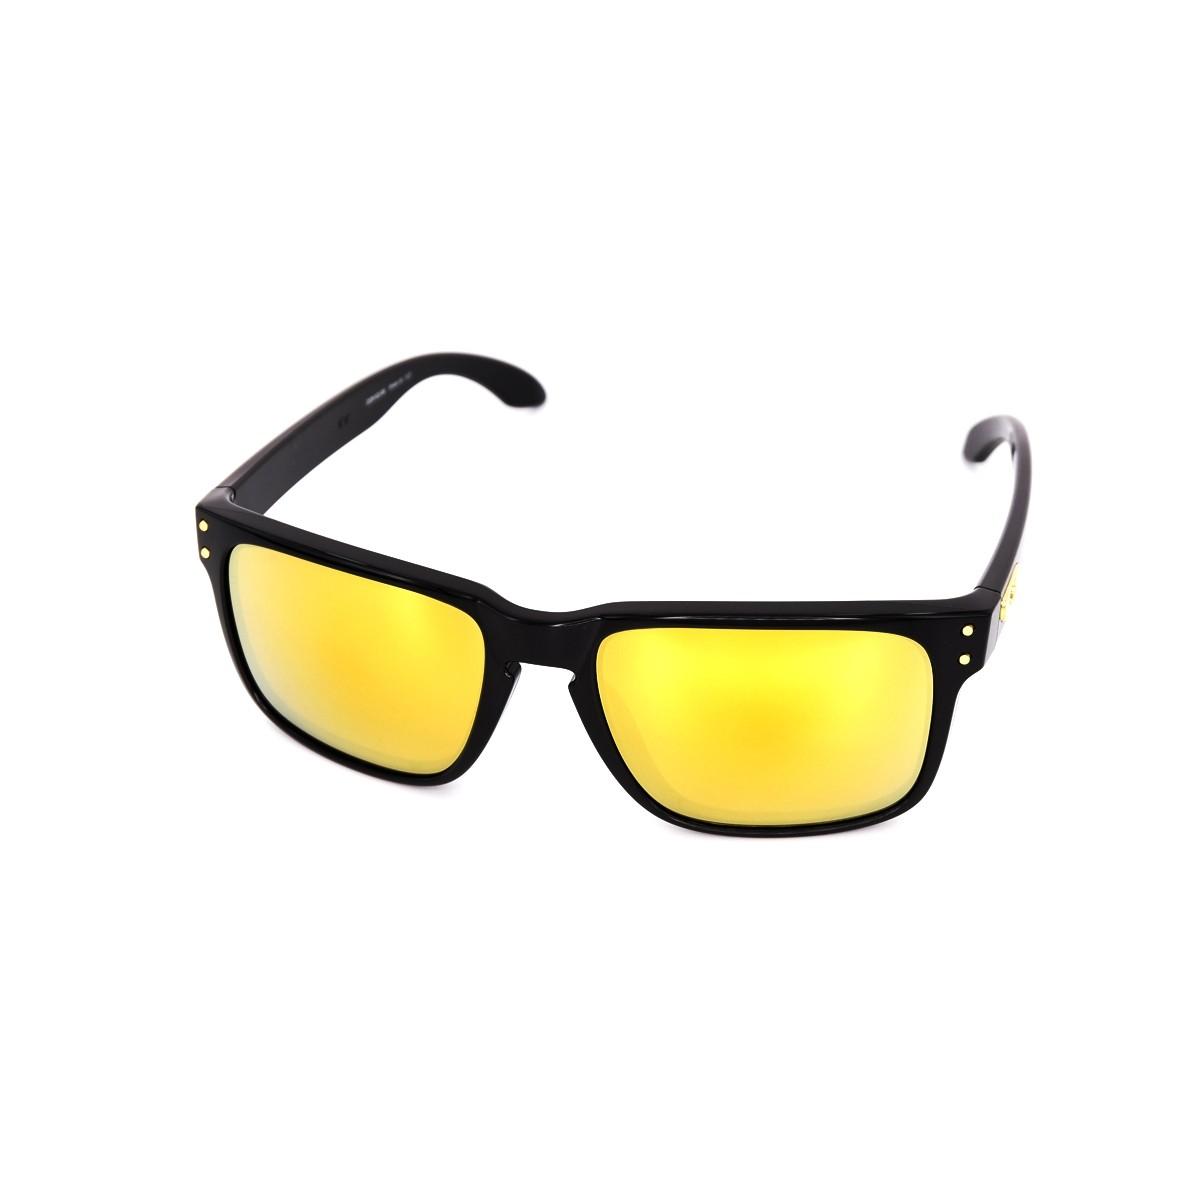 Oakley Holbrook 9102-08 Shaun White Ed., 96,00€, Occhiali Oakley Nero a forma Rettangolare